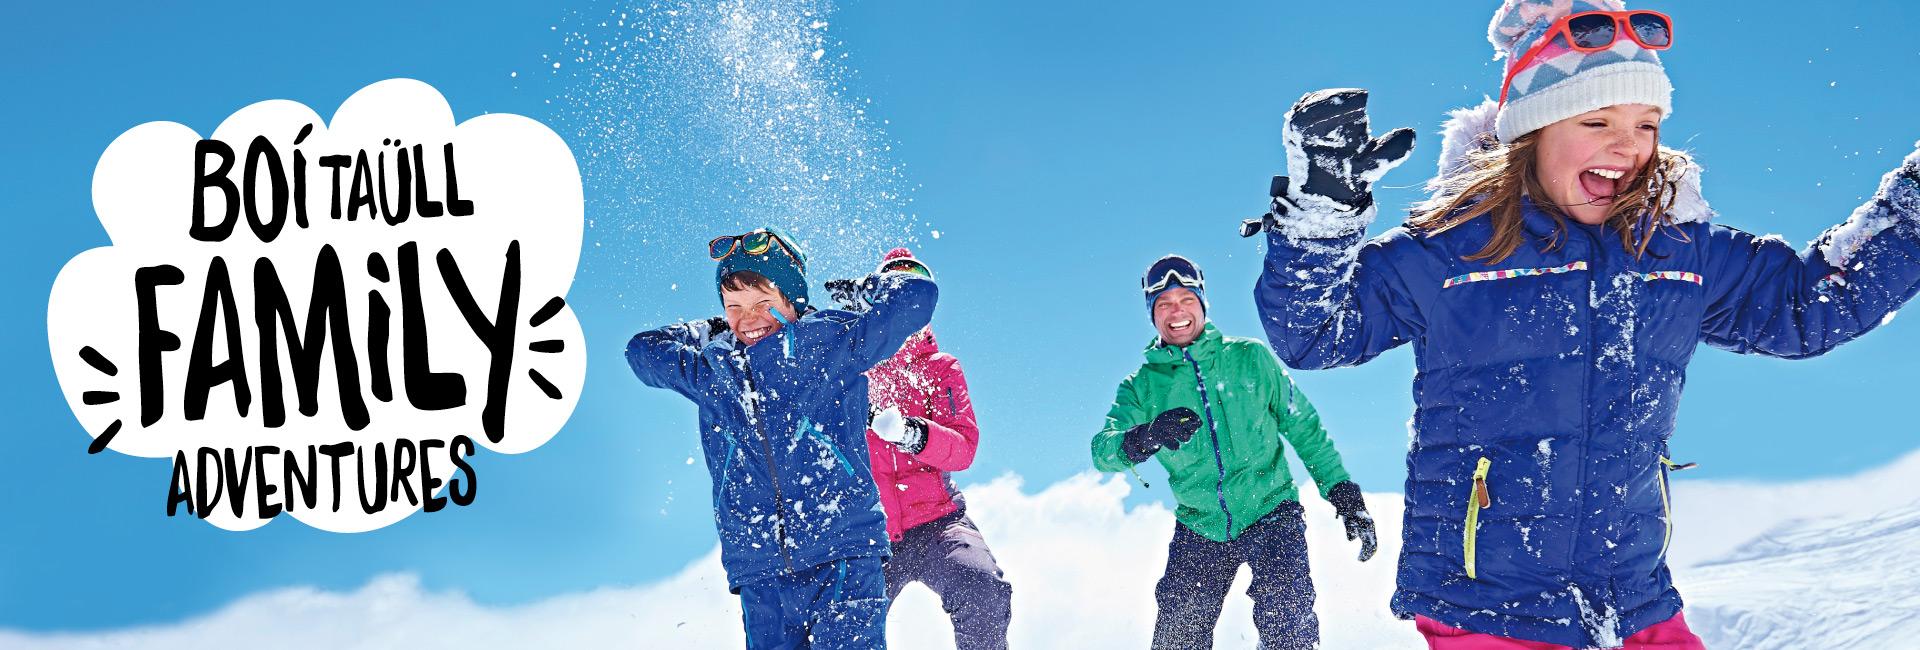 ofertas-esqui-boi-taull